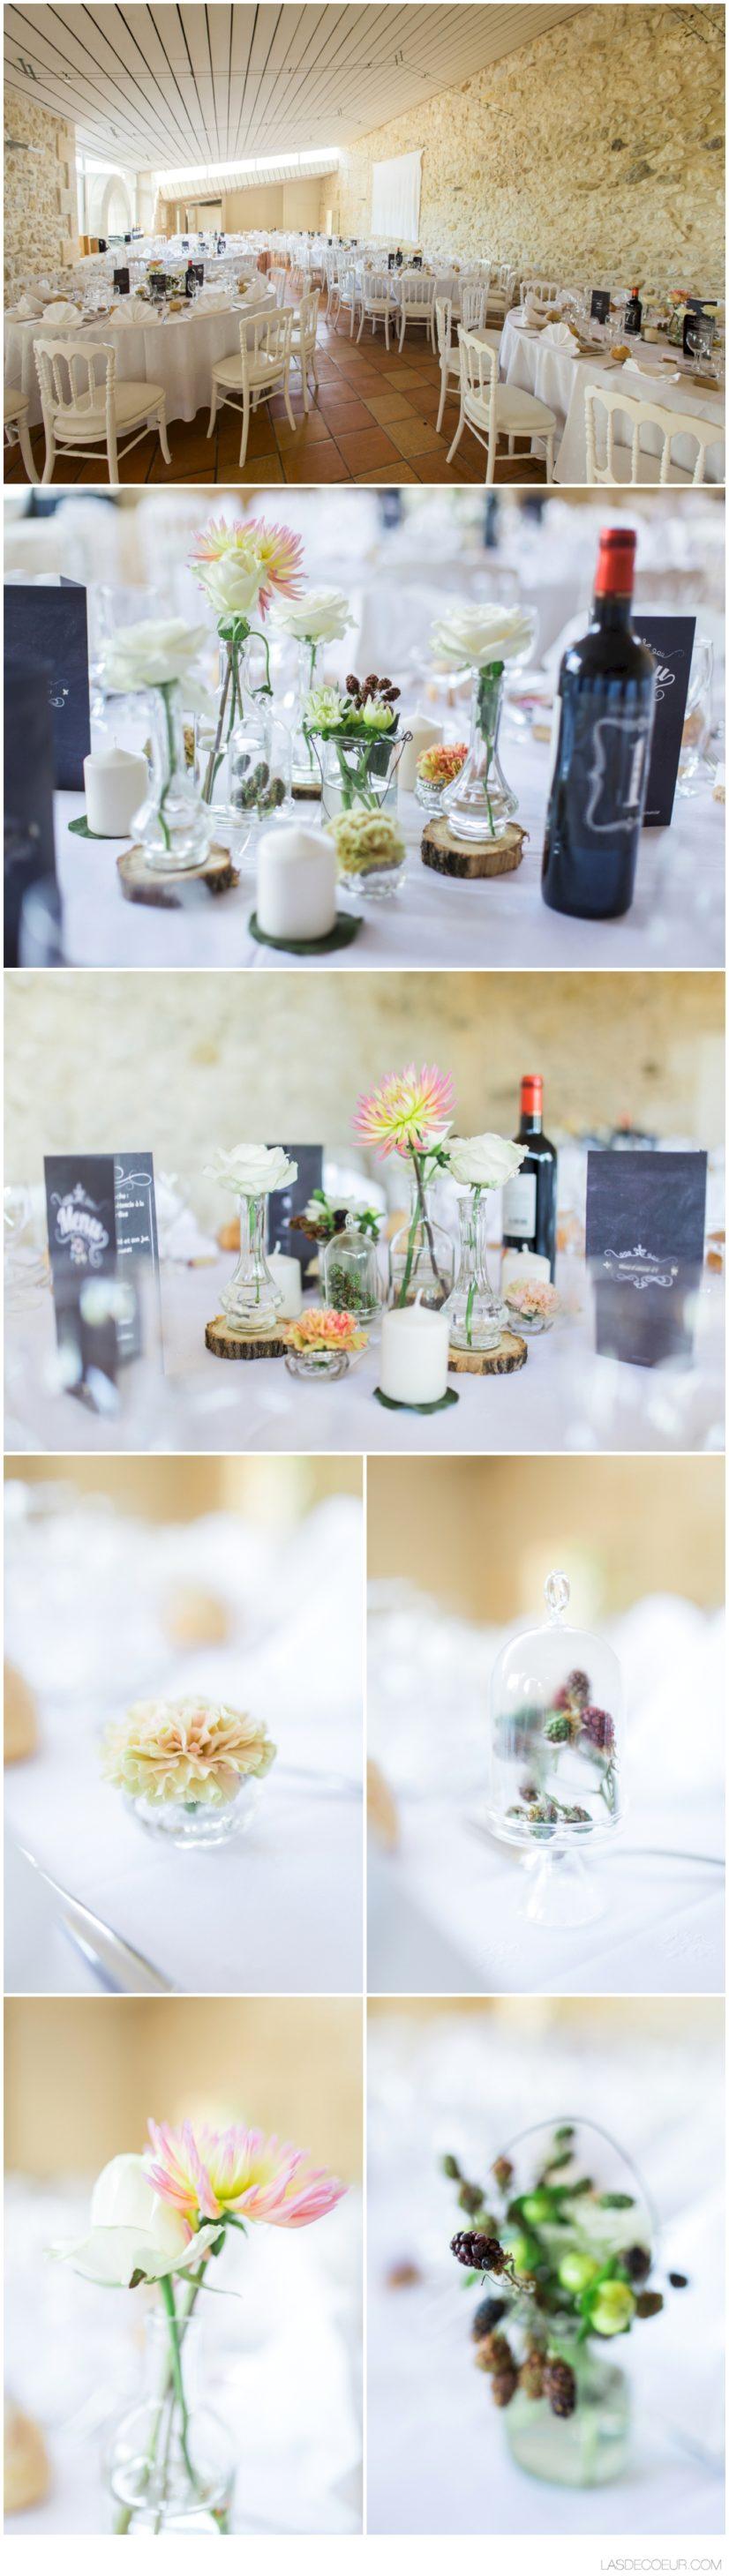 vidéaste mariage Bordeaux décoration